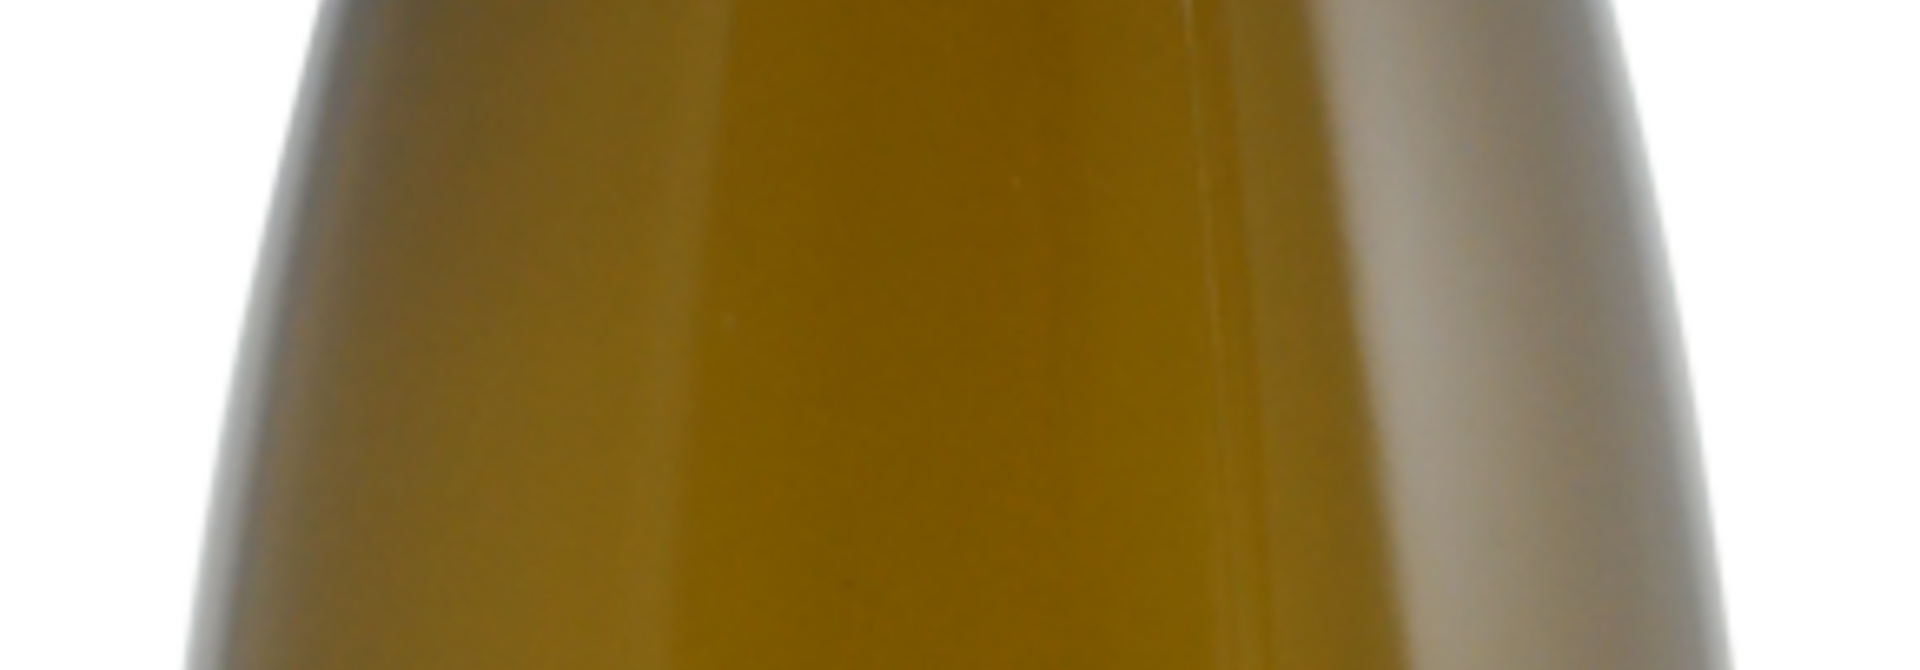 Domaine Marc Kreydenweiss Pinot Gris, Lerchenberg 2019